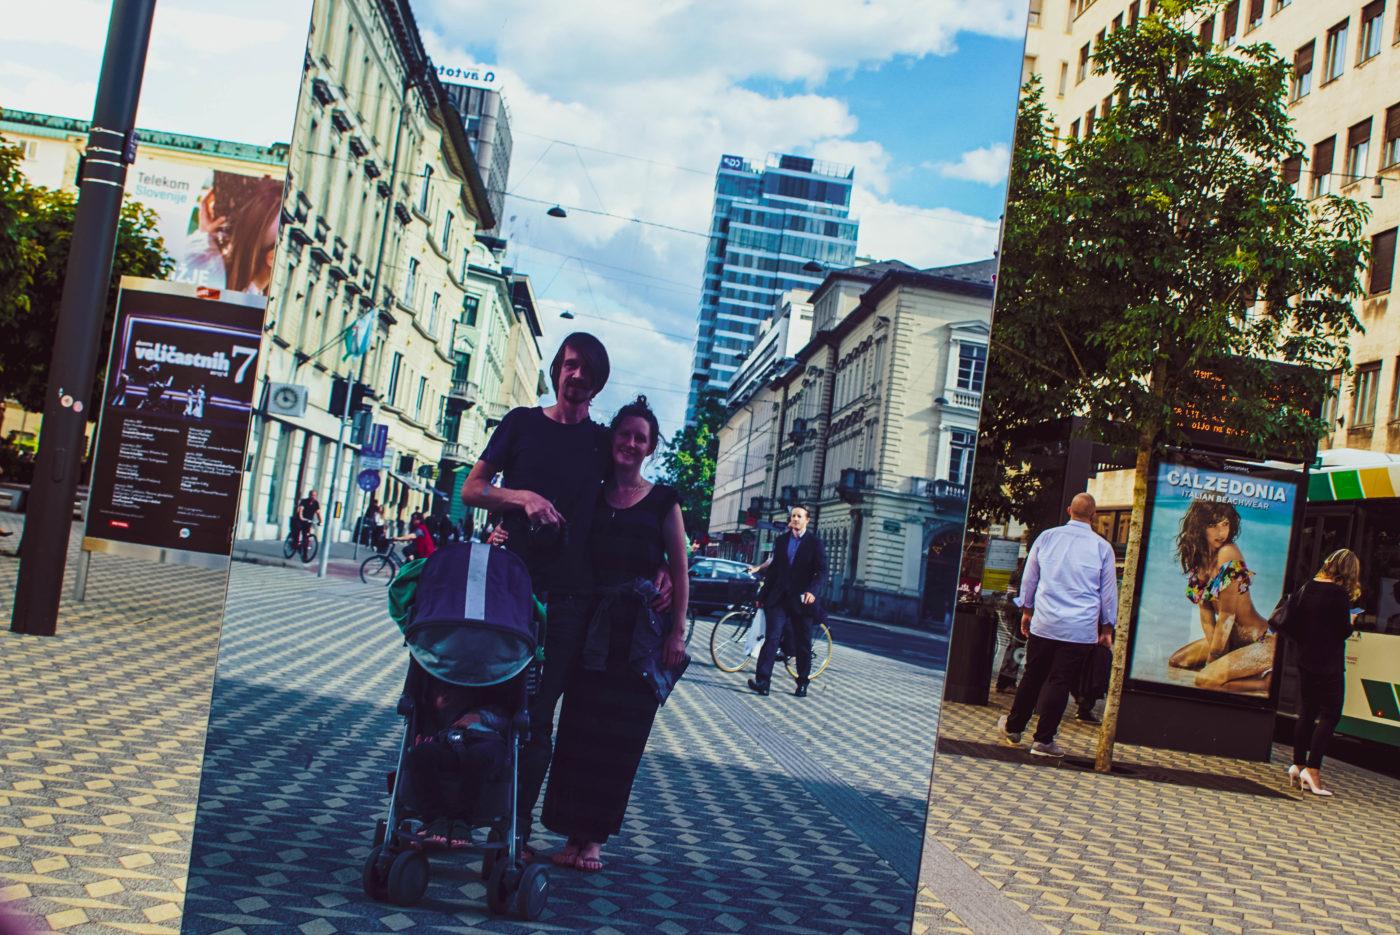 Zu sehen ist die Fußgängerzone von Ljubjana. Wir stehen vor einem Spiegel, so dass wir und die Stadt dahinter bläulich erscheinen.